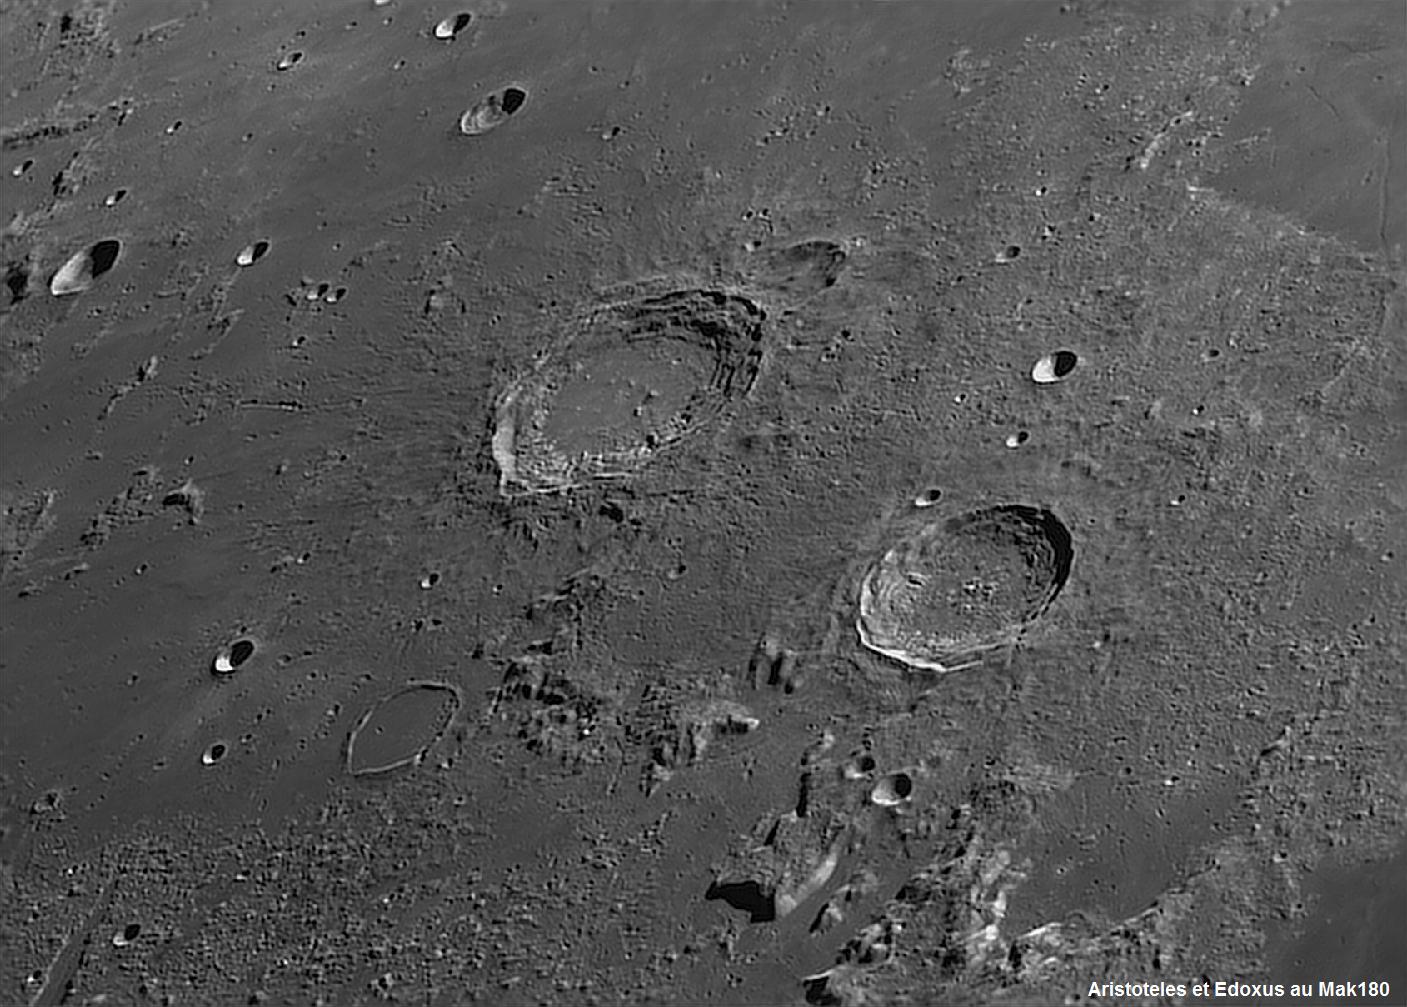 Aristoteles-Eudoxus_30-mai-2020.png